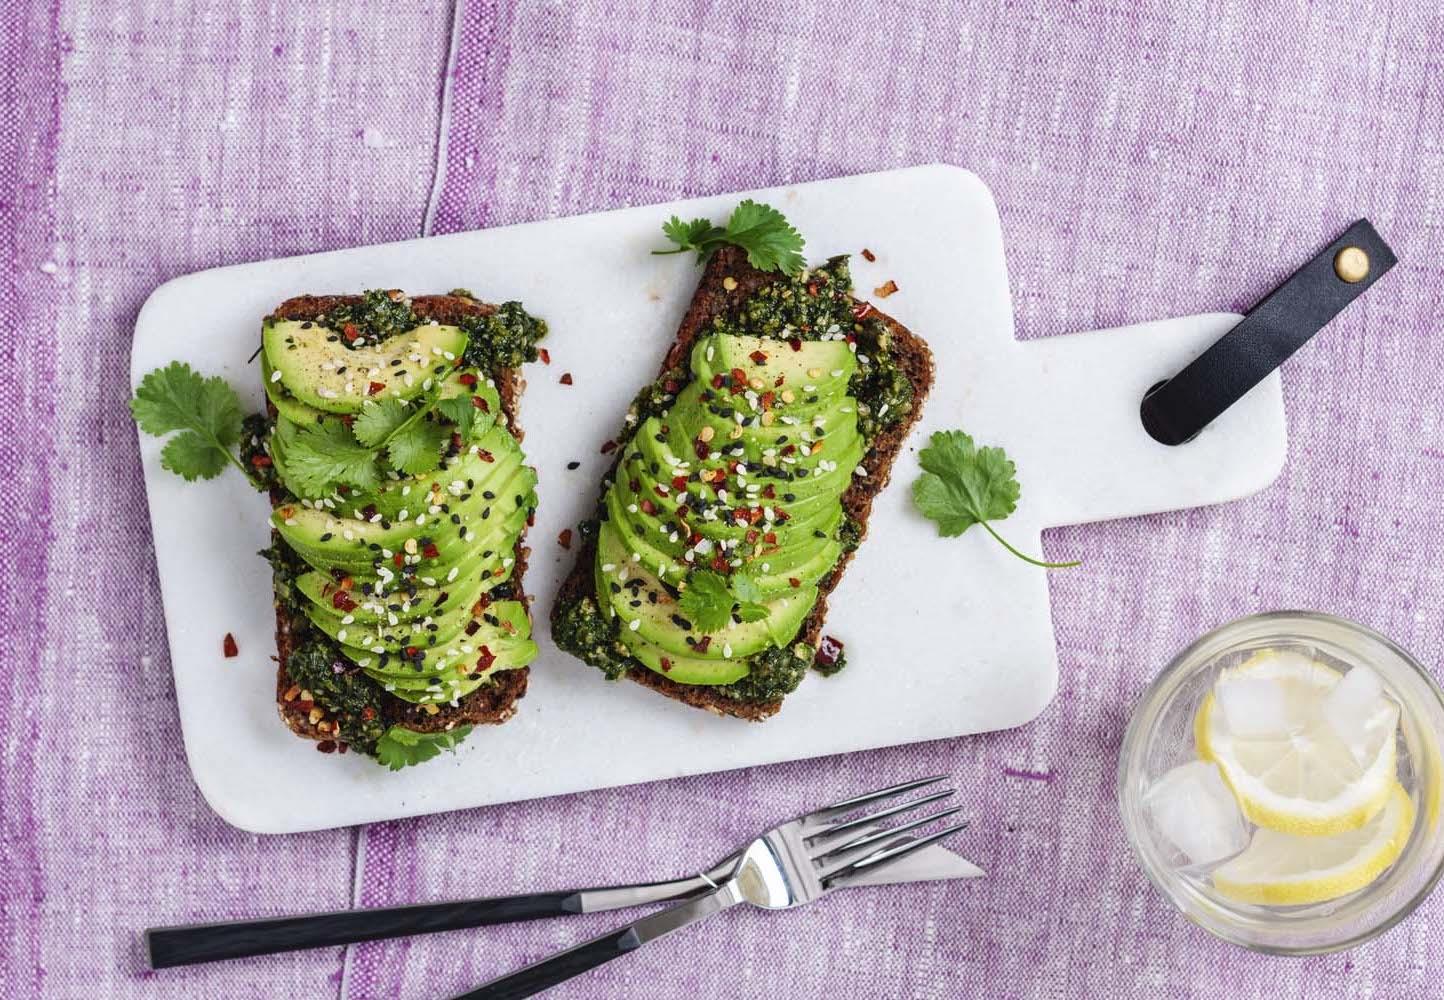 Grov rågmacka med avokado, korianderpesto, chiliflakes och sesamfrön